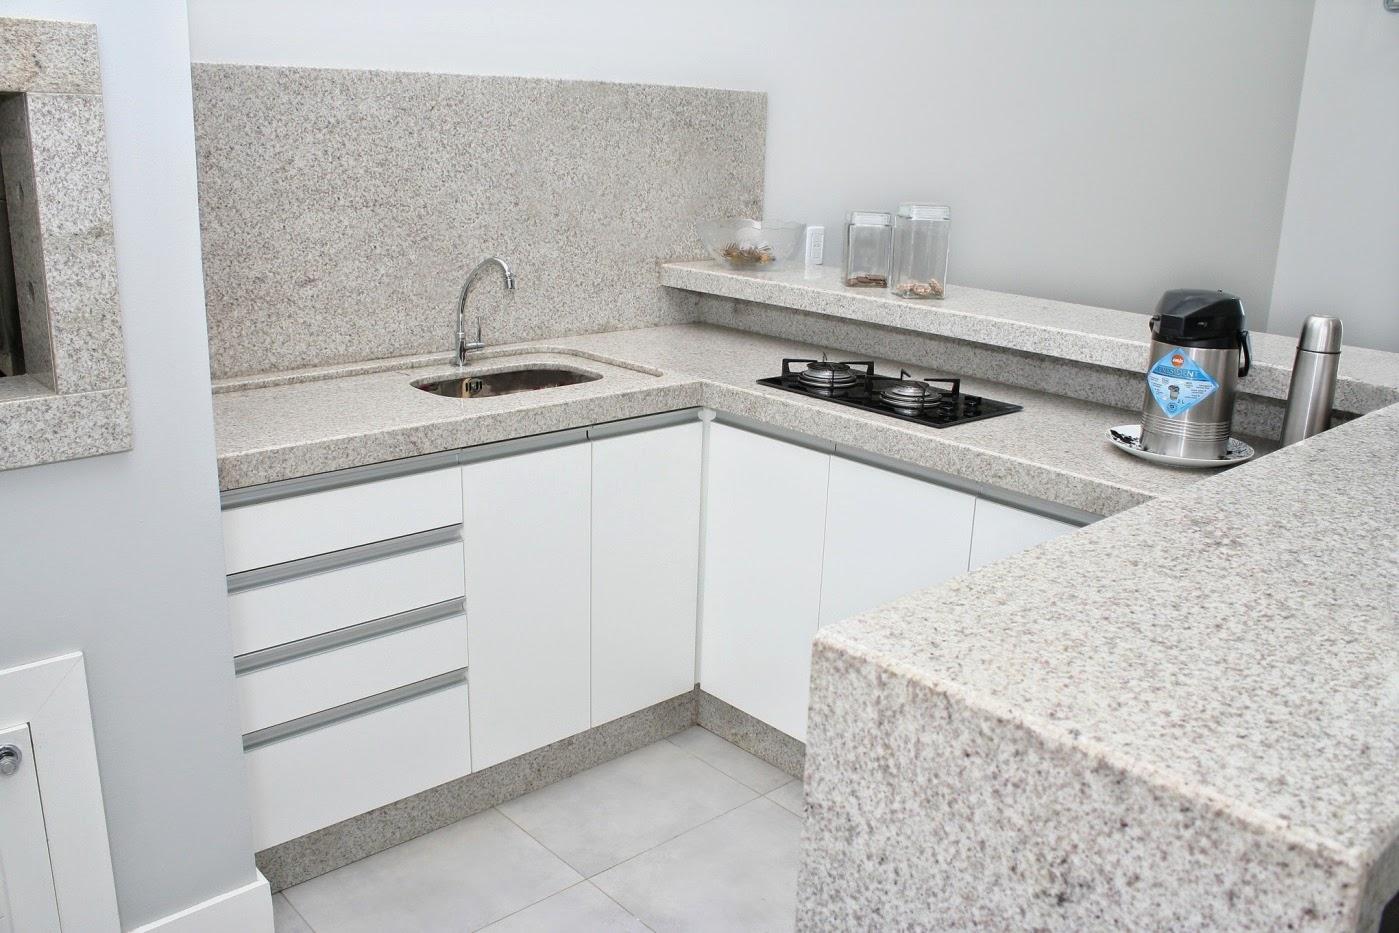 Ambientes Planejados: Pedra de Granito e Mármore #576774 1399x933 Banheiro Com Granito Branco Siena